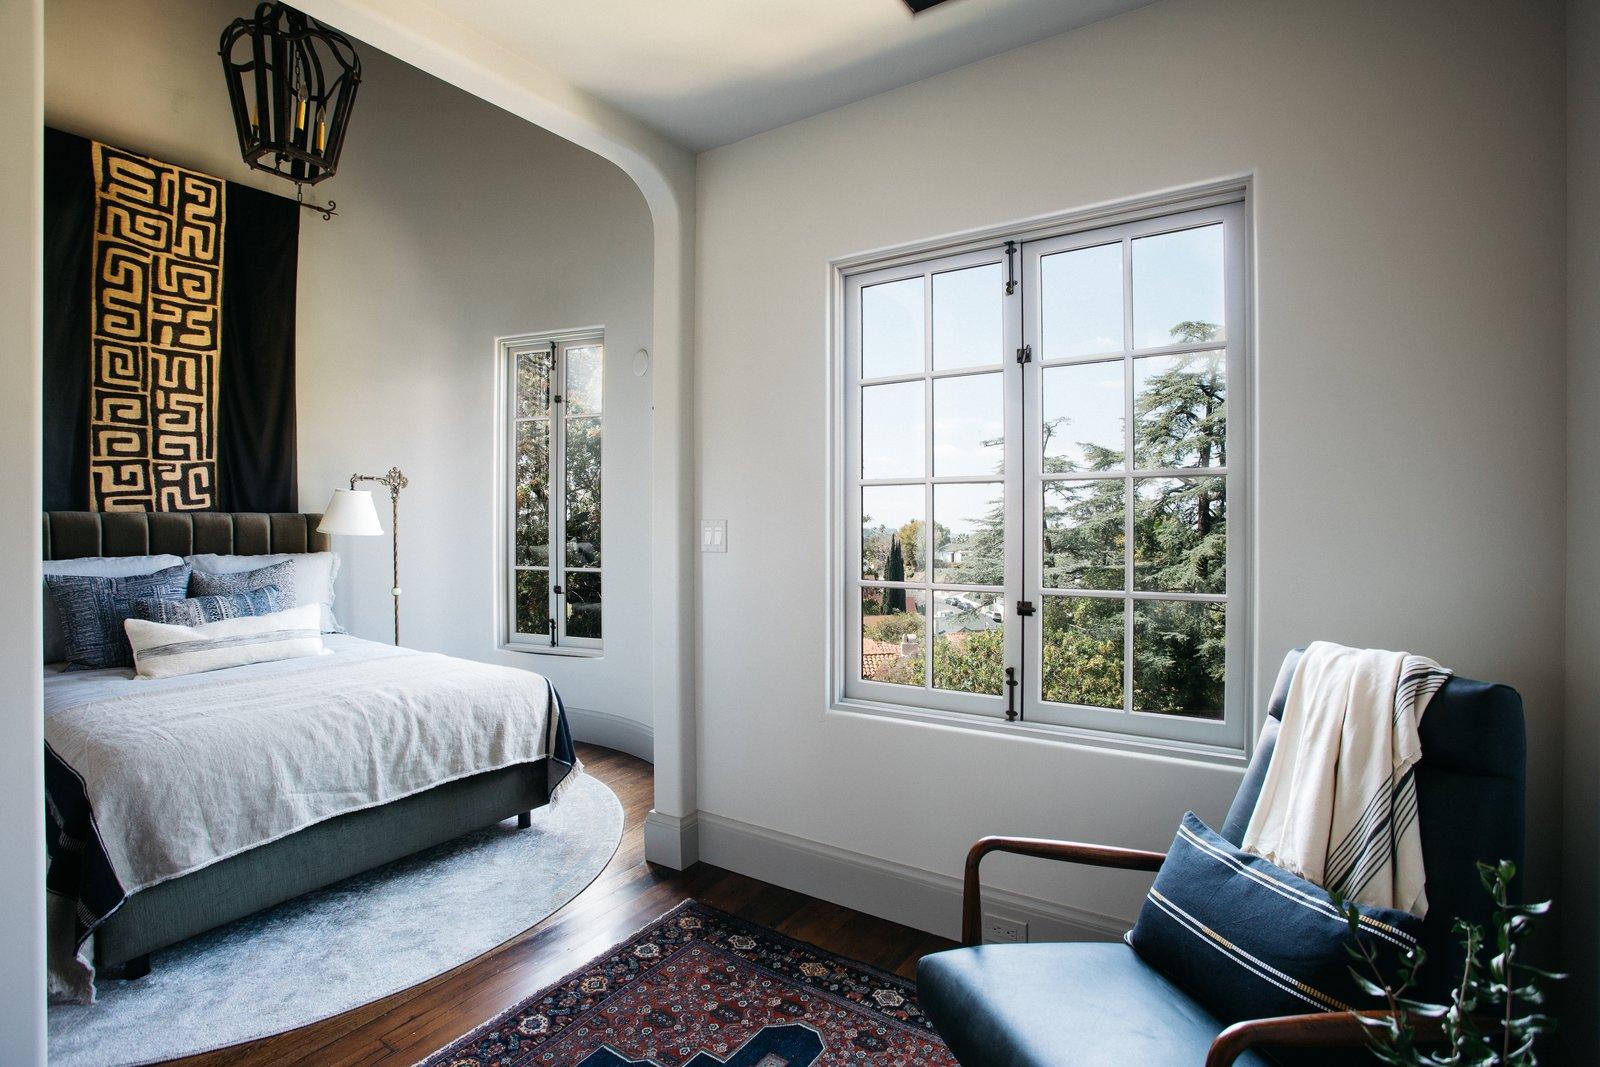 5222 Monte Bonito Drive turret bedroom